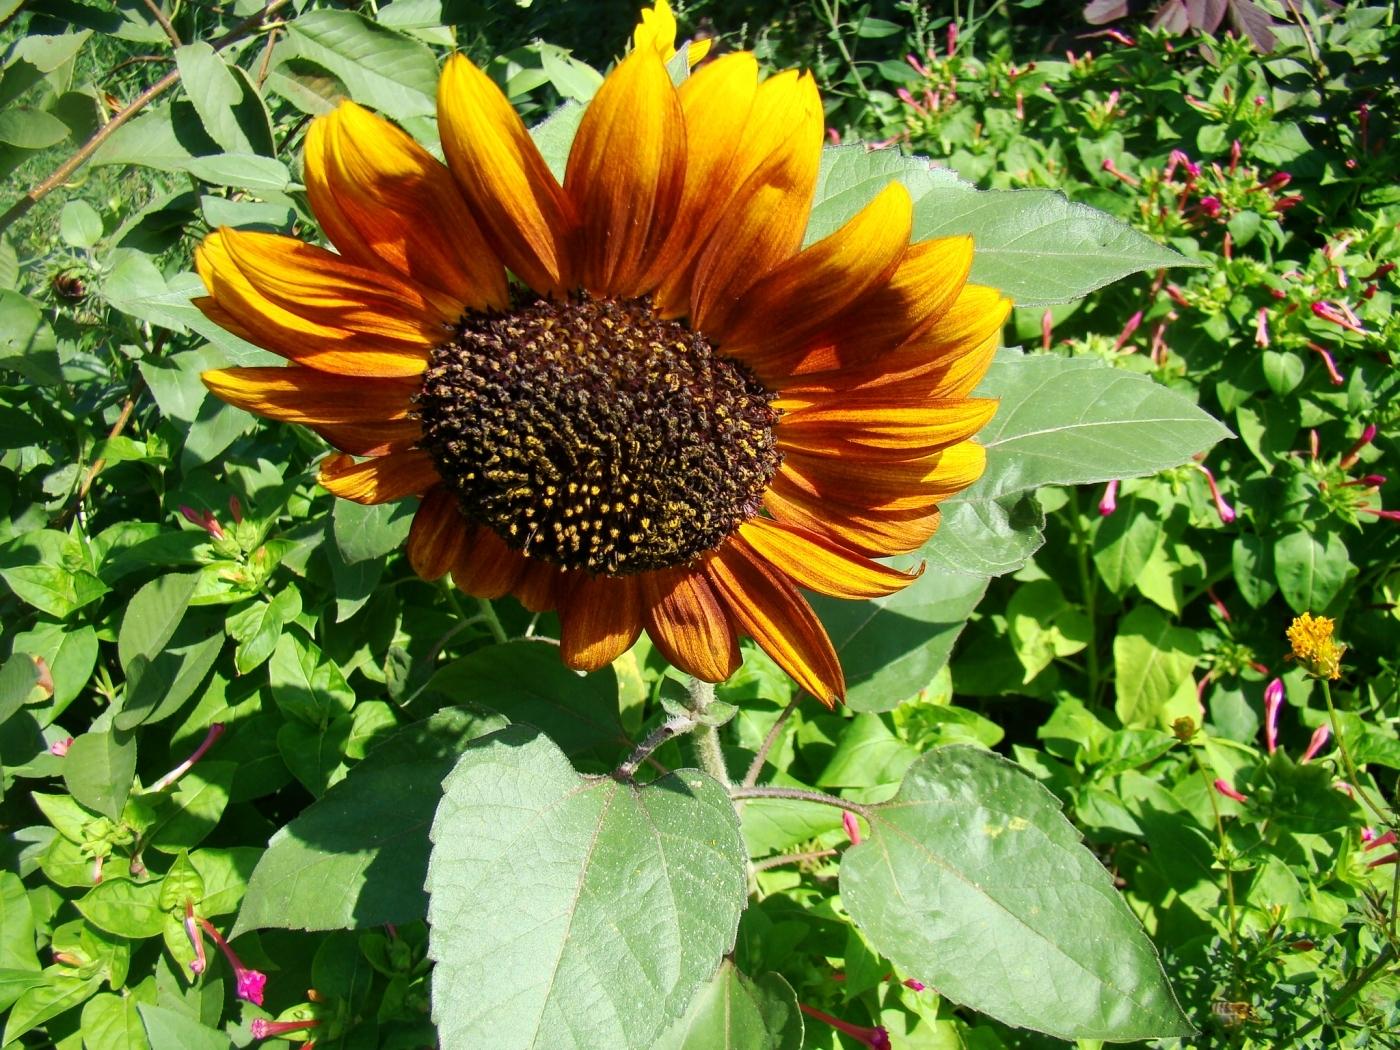 42915 скачать обои Растения, Подсолнухи - заставки и картинки бесплатно